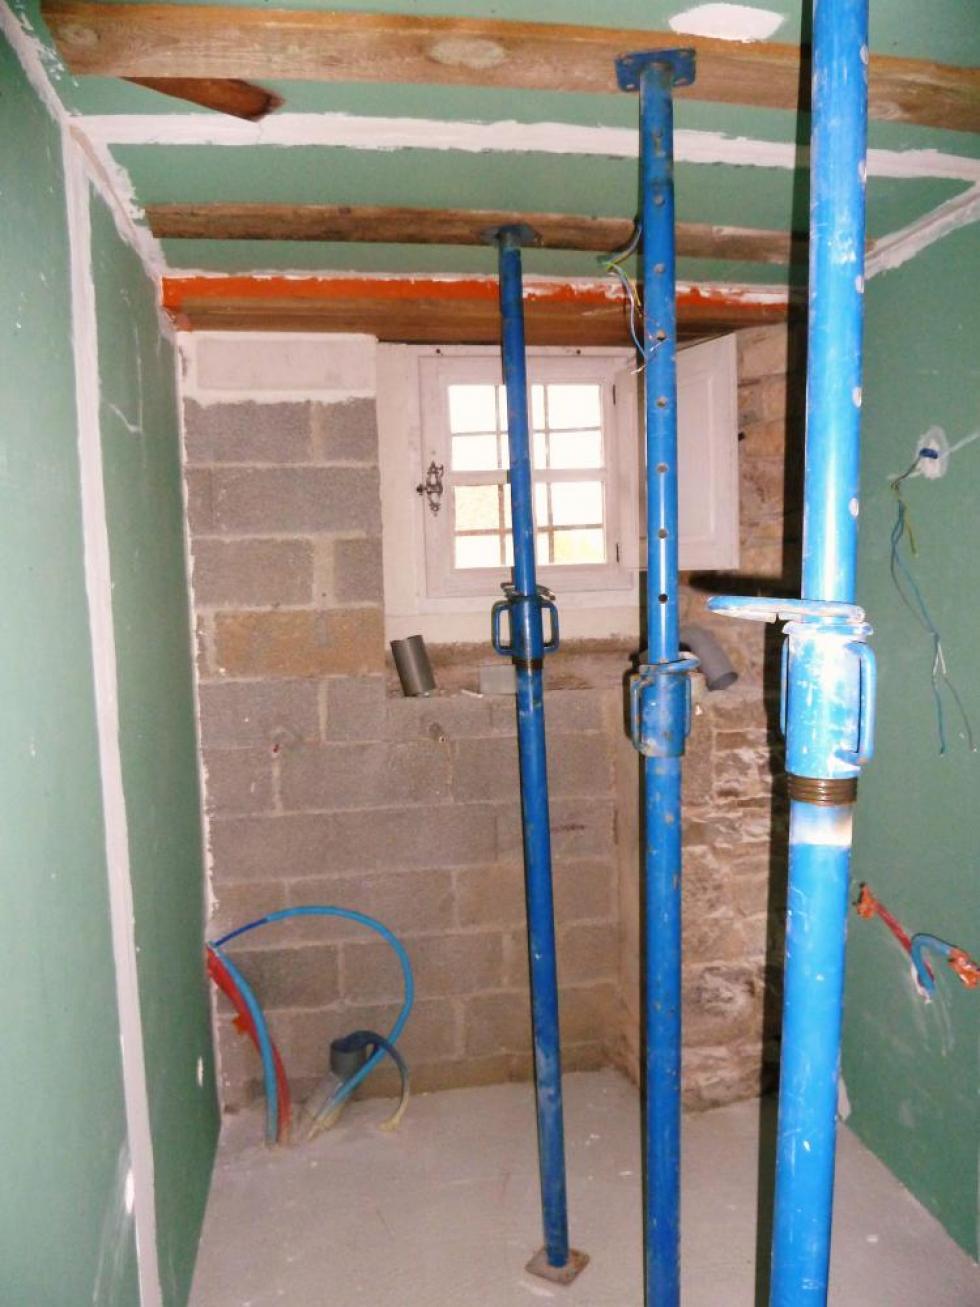 26 mai 2011, le futur cabinet de toilettes au rez-de-chaussée du bâtiment Nord.